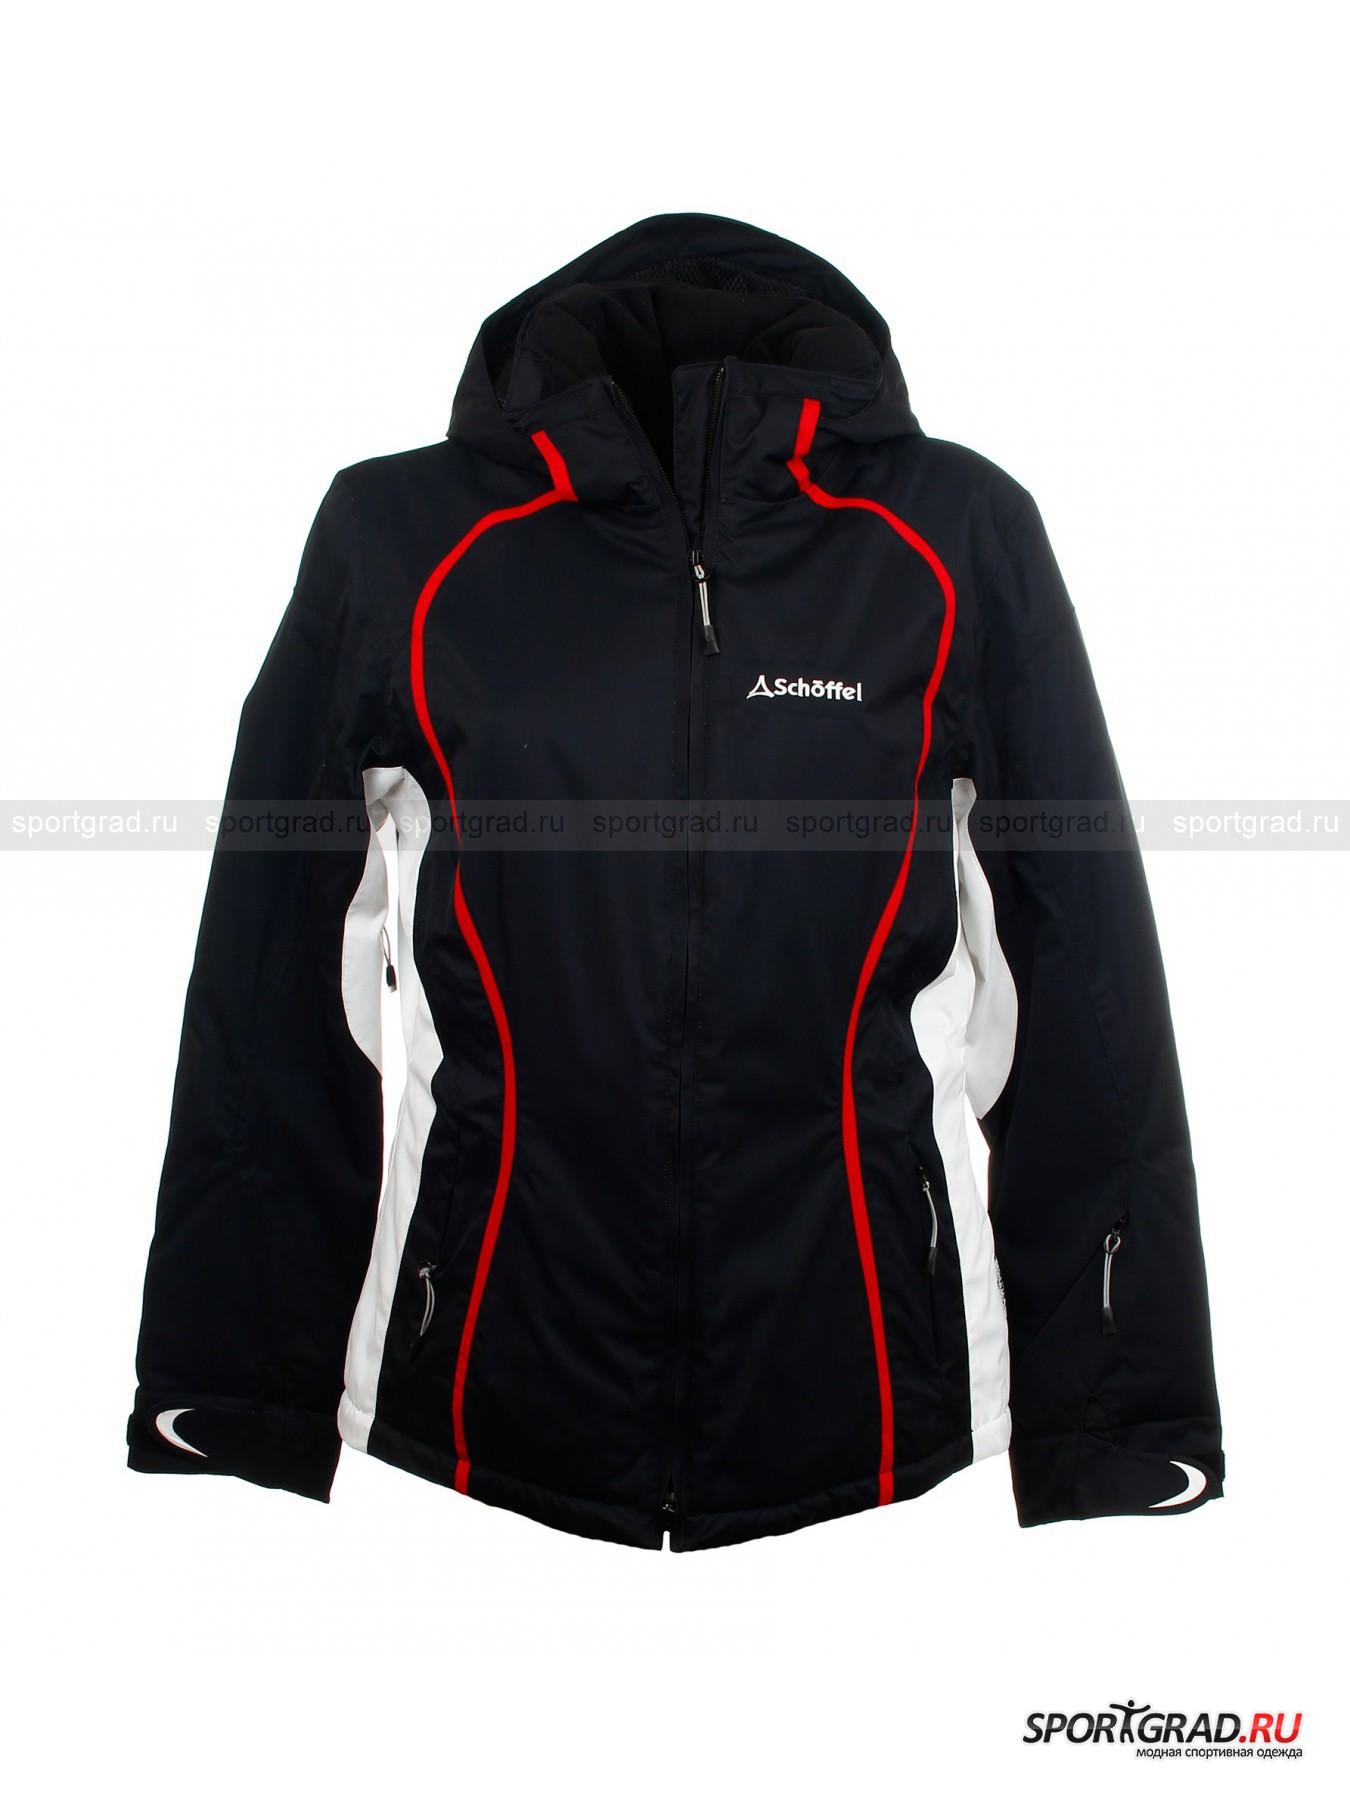 Куртка женская SCHOFFEL Cecile от Спортград